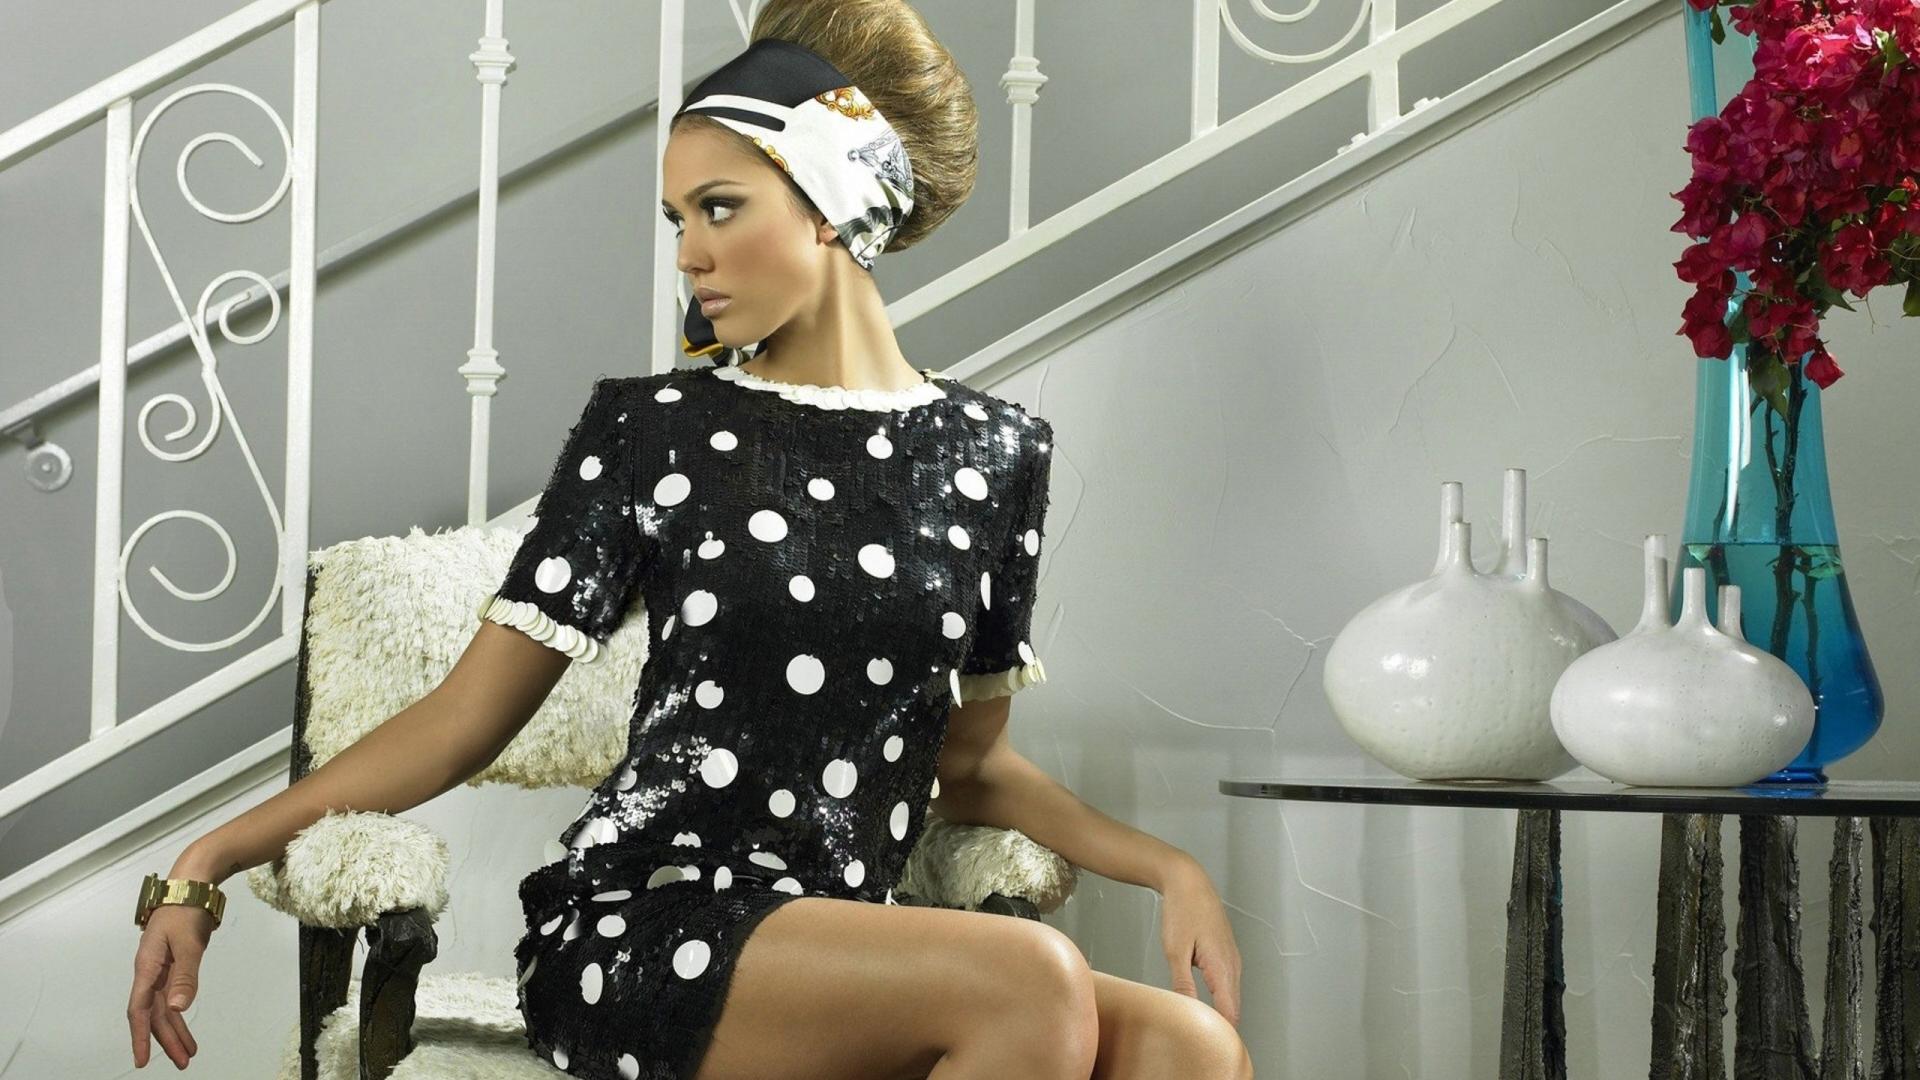 Jessica-alba-hot 5